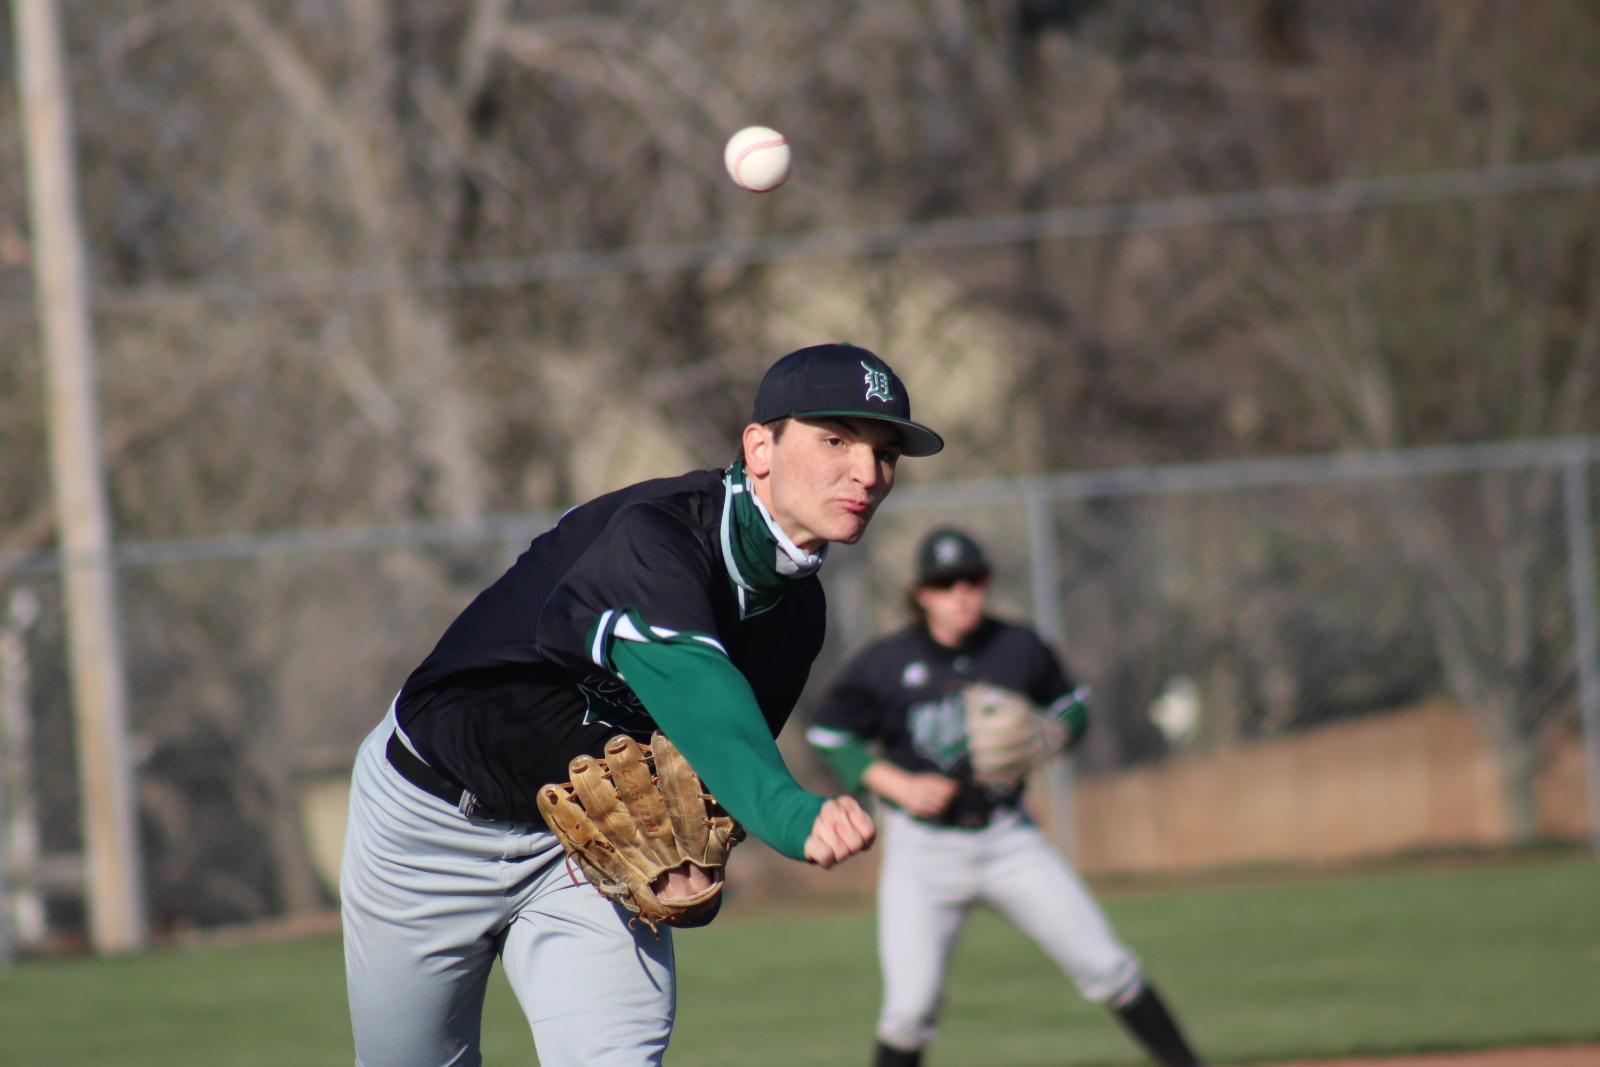 PHOTOS: JV Baseball @BVNW 4.2.21